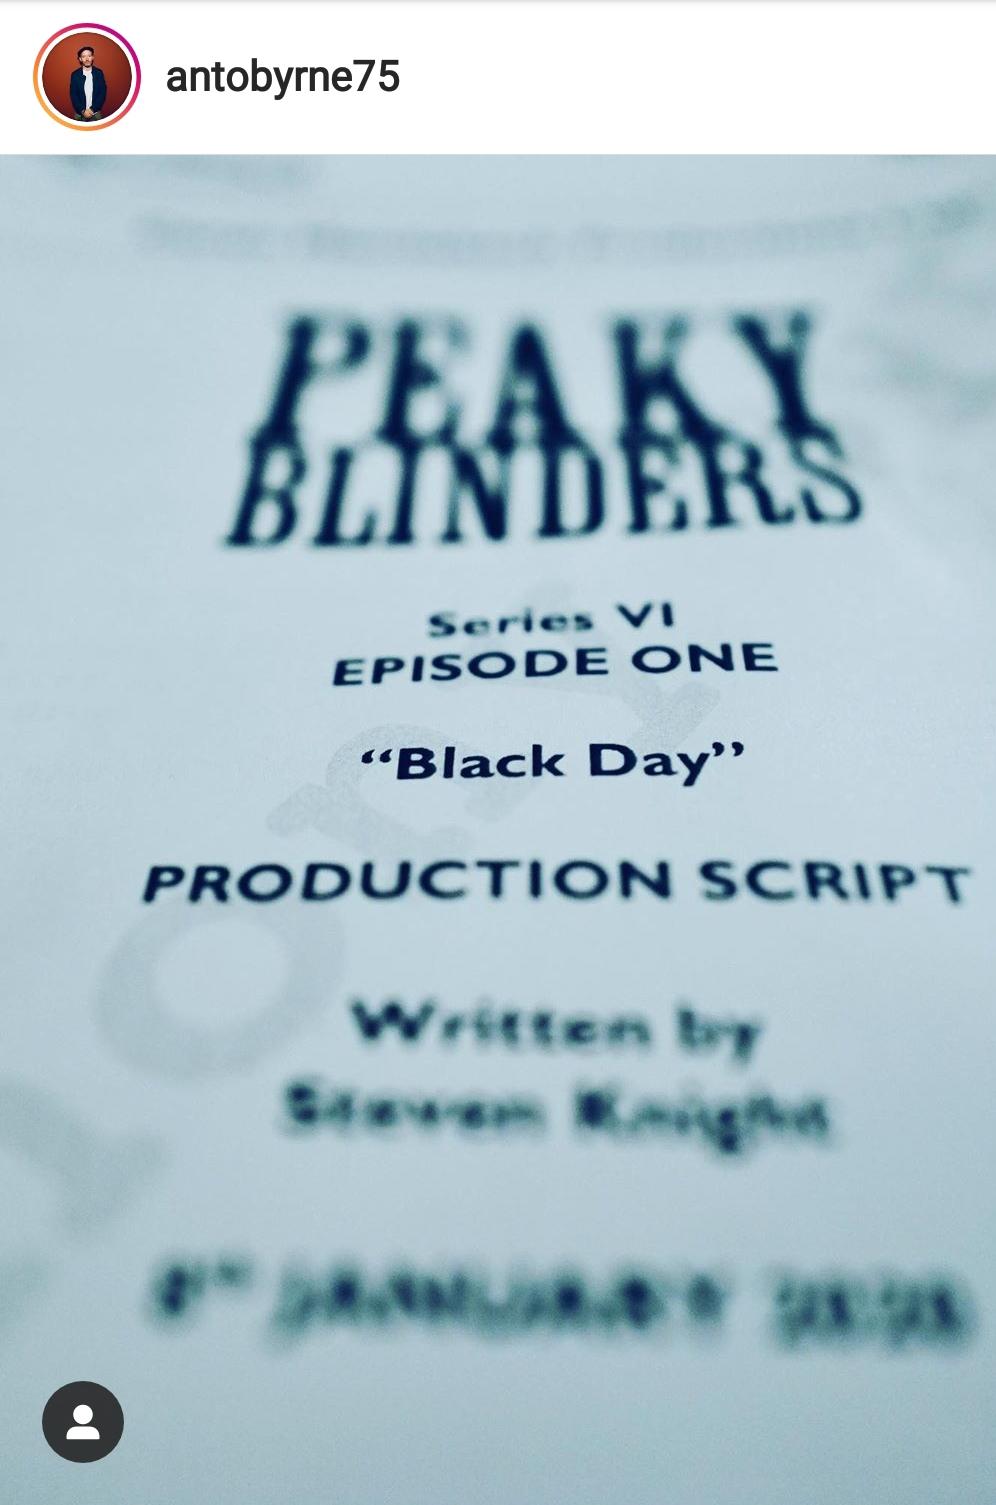 peaky-blinders-black-day